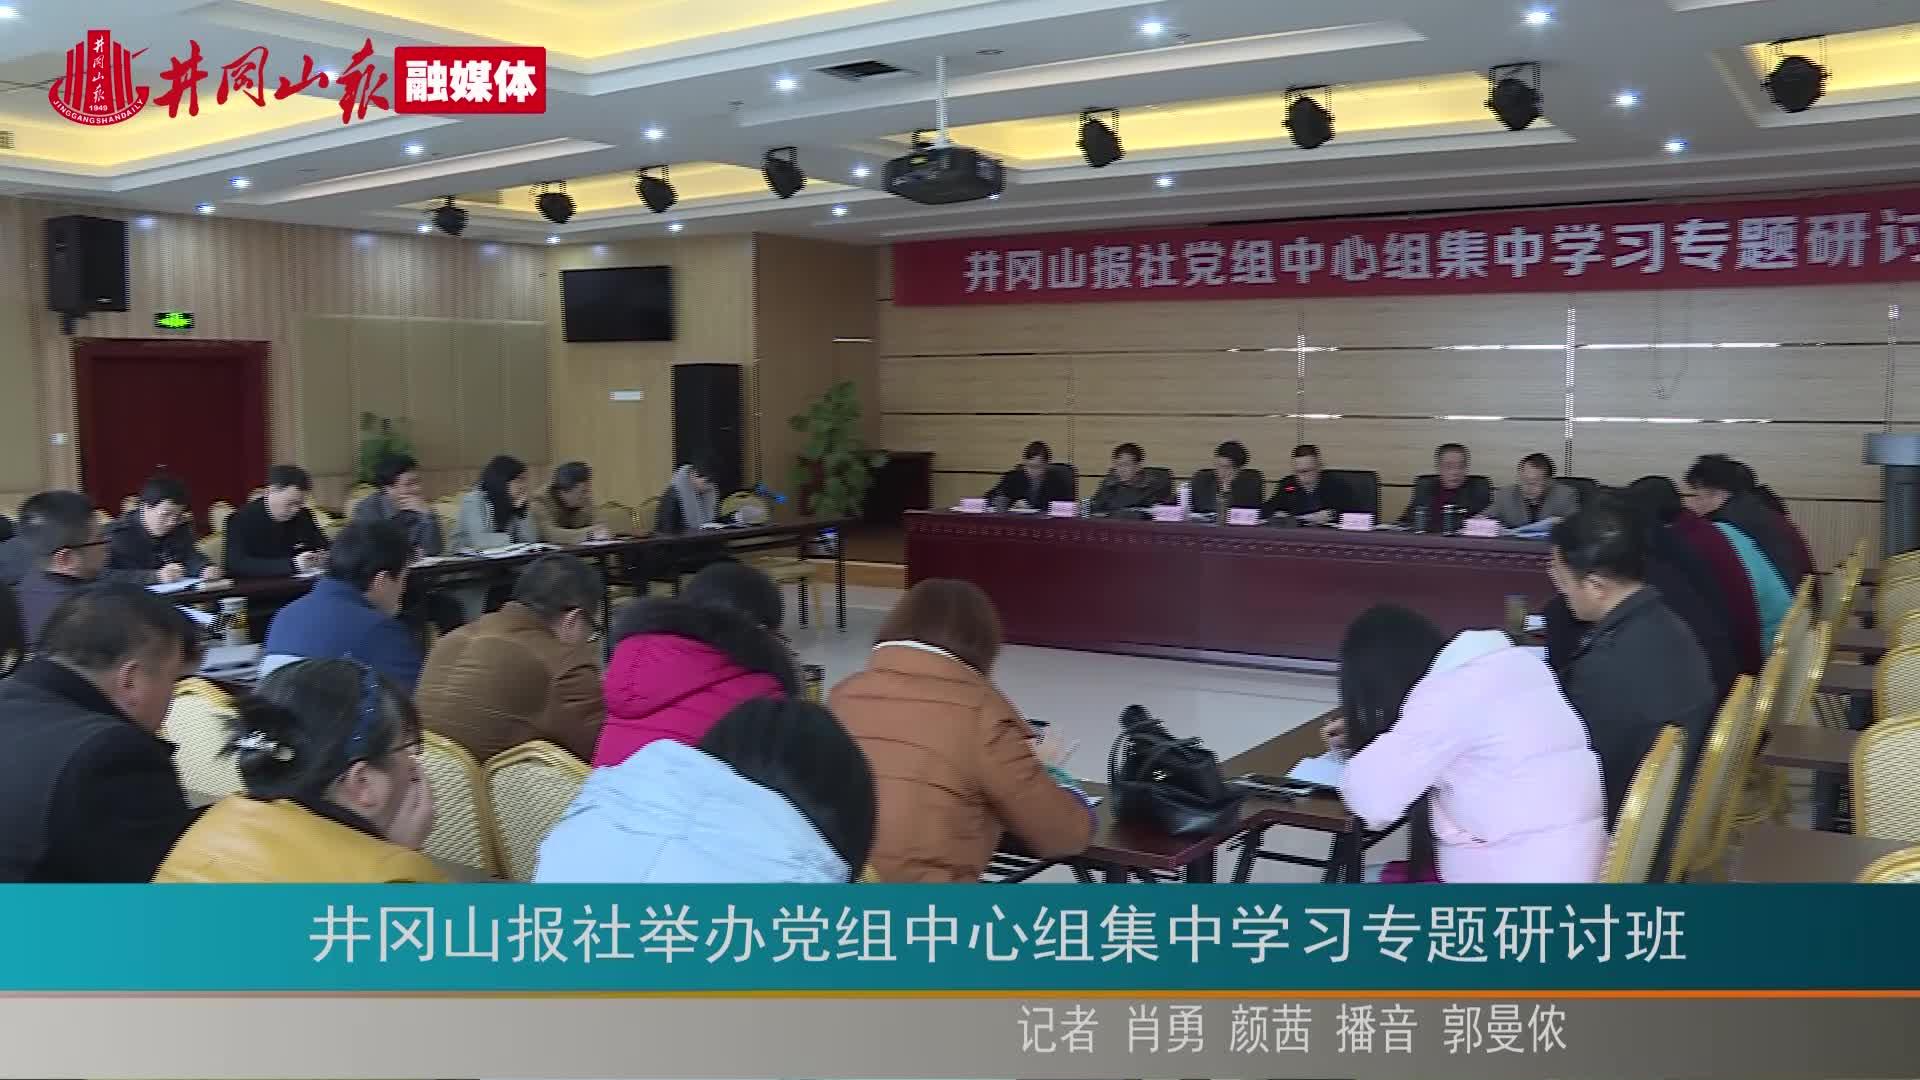 井冈山报社举办党组中心组集中学习专题研讨班